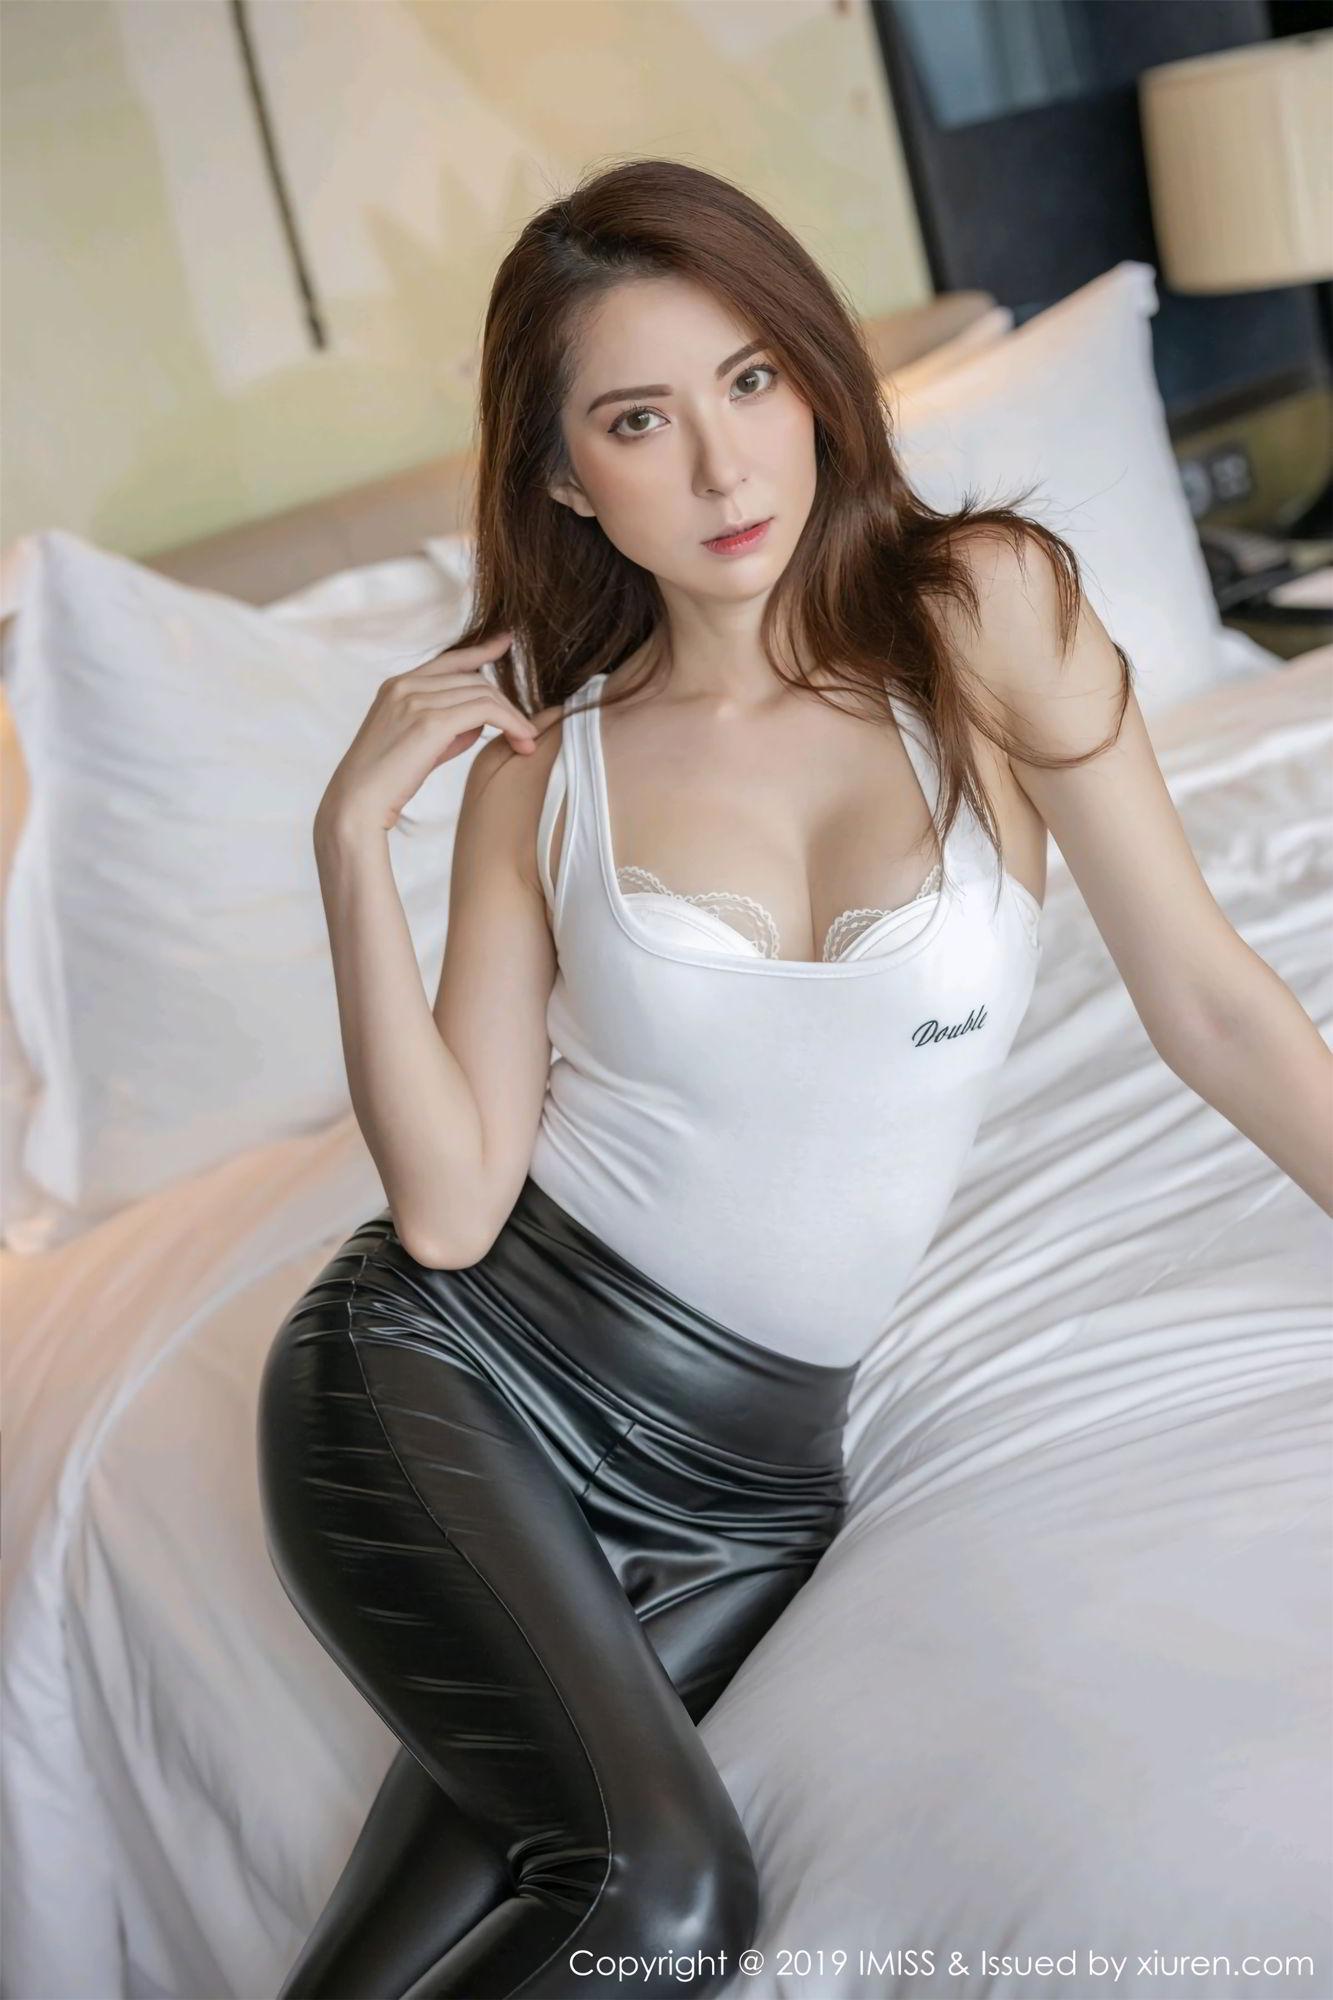 陳良玲 carry 颯爽皮褲與朦朧絲襪[50P] - 貼圖 - 清涼寫真 -